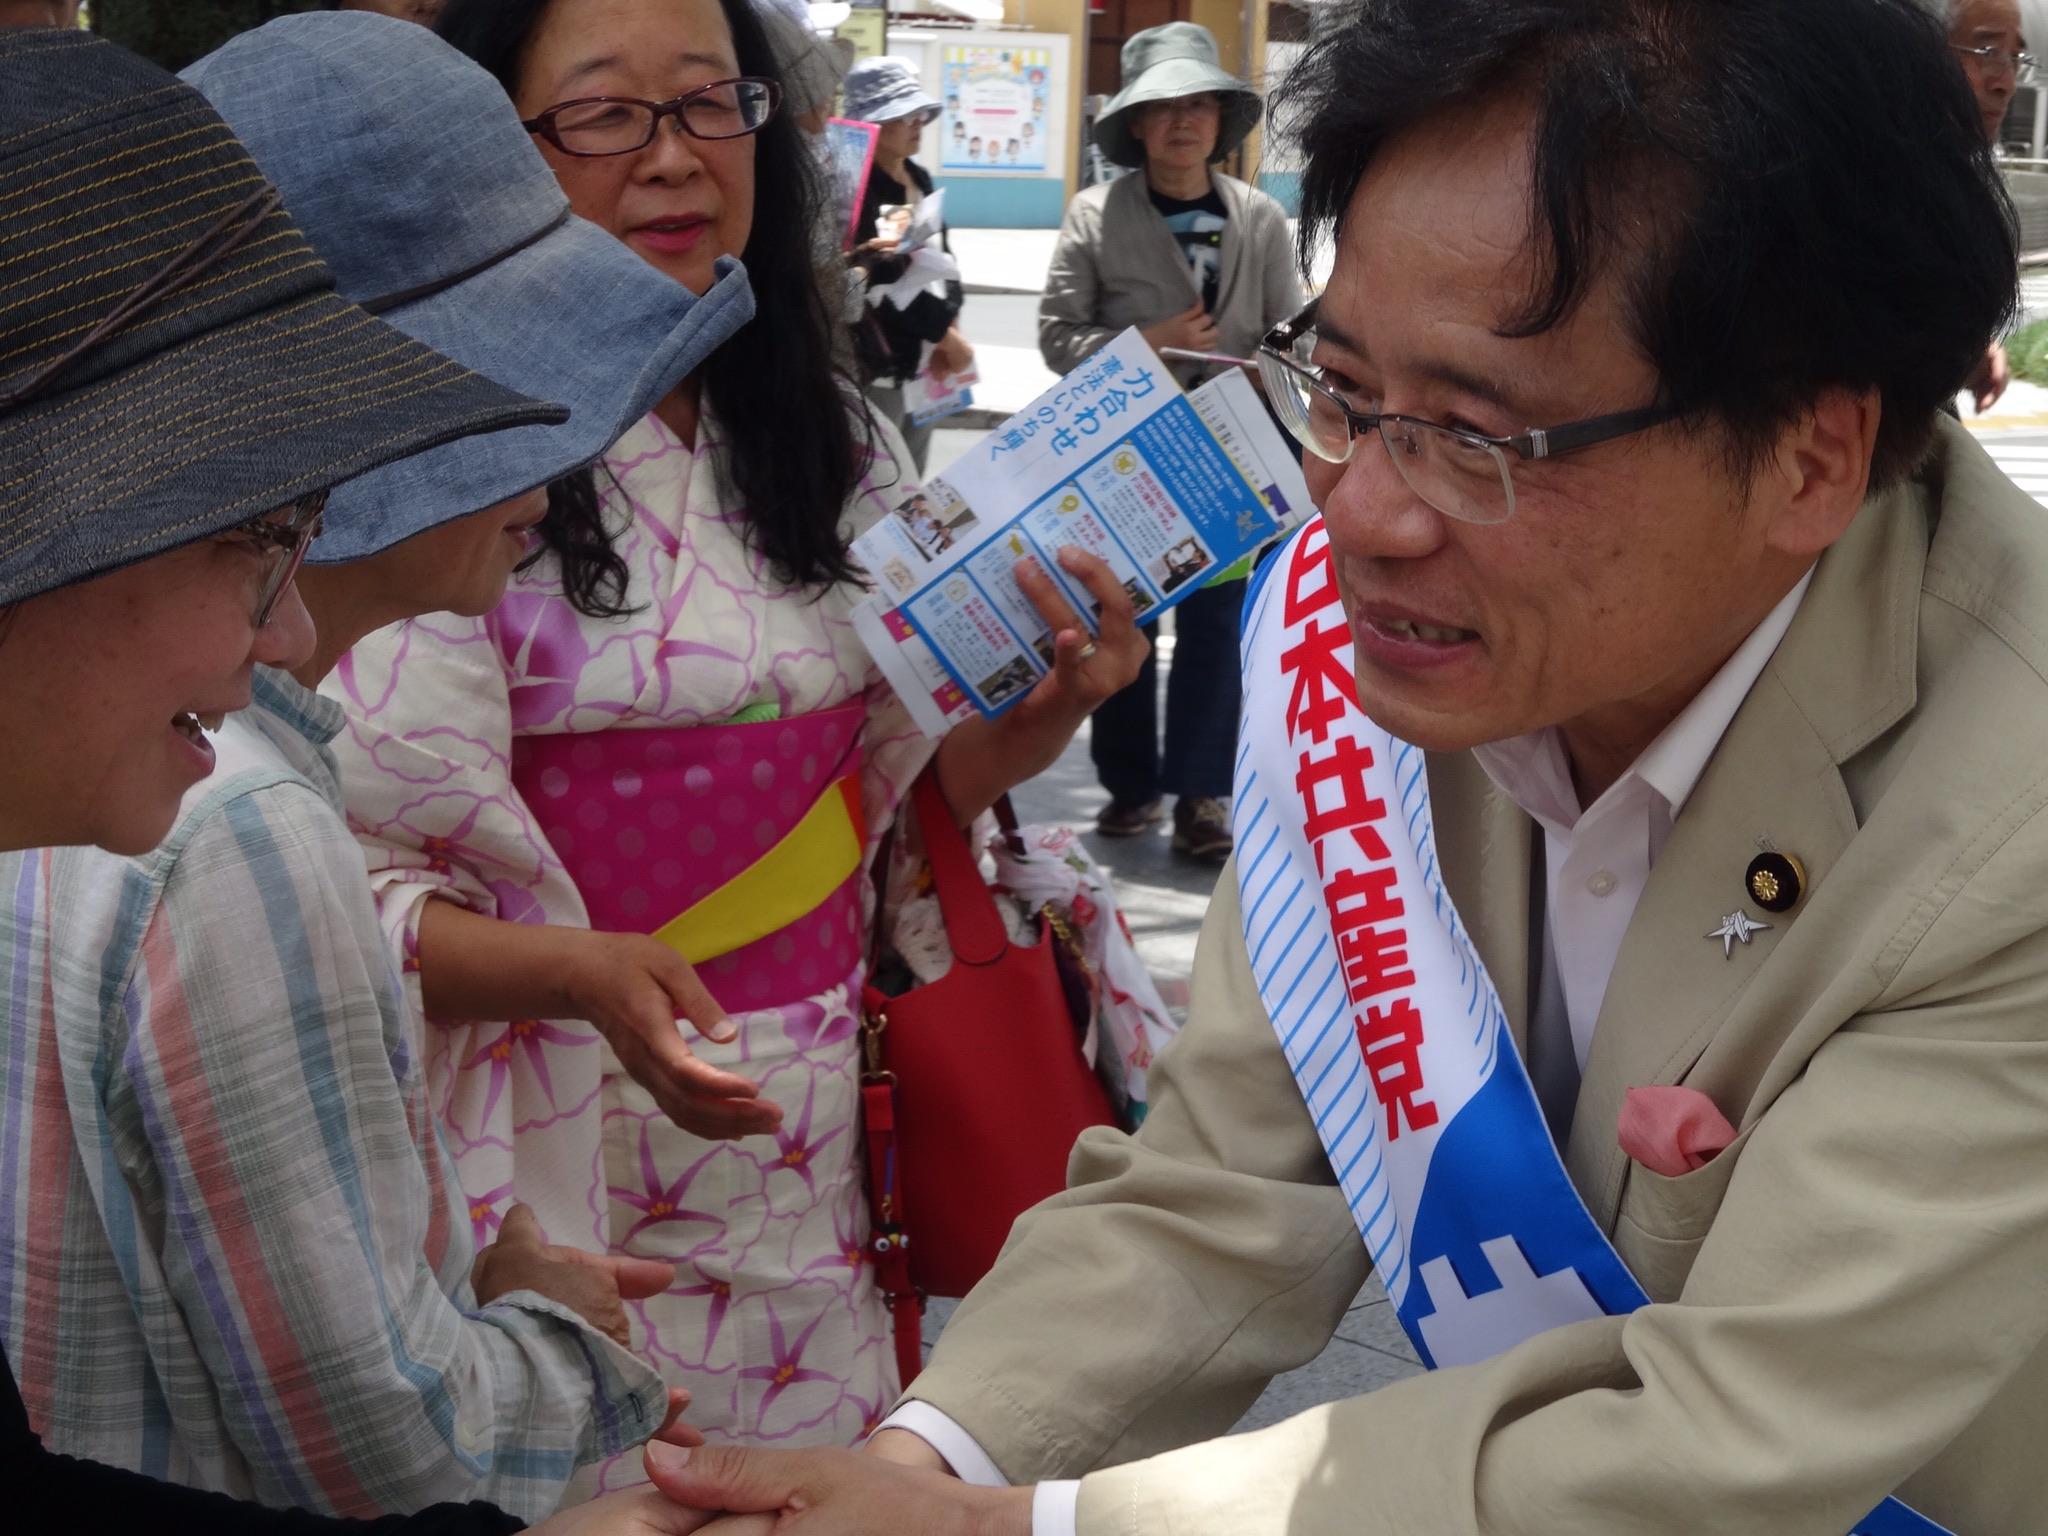 http://www.inoue-satoshi.com/diary/A8A774E0-AA5F-46BC-B95A-F68F3E1C8280.jpeg